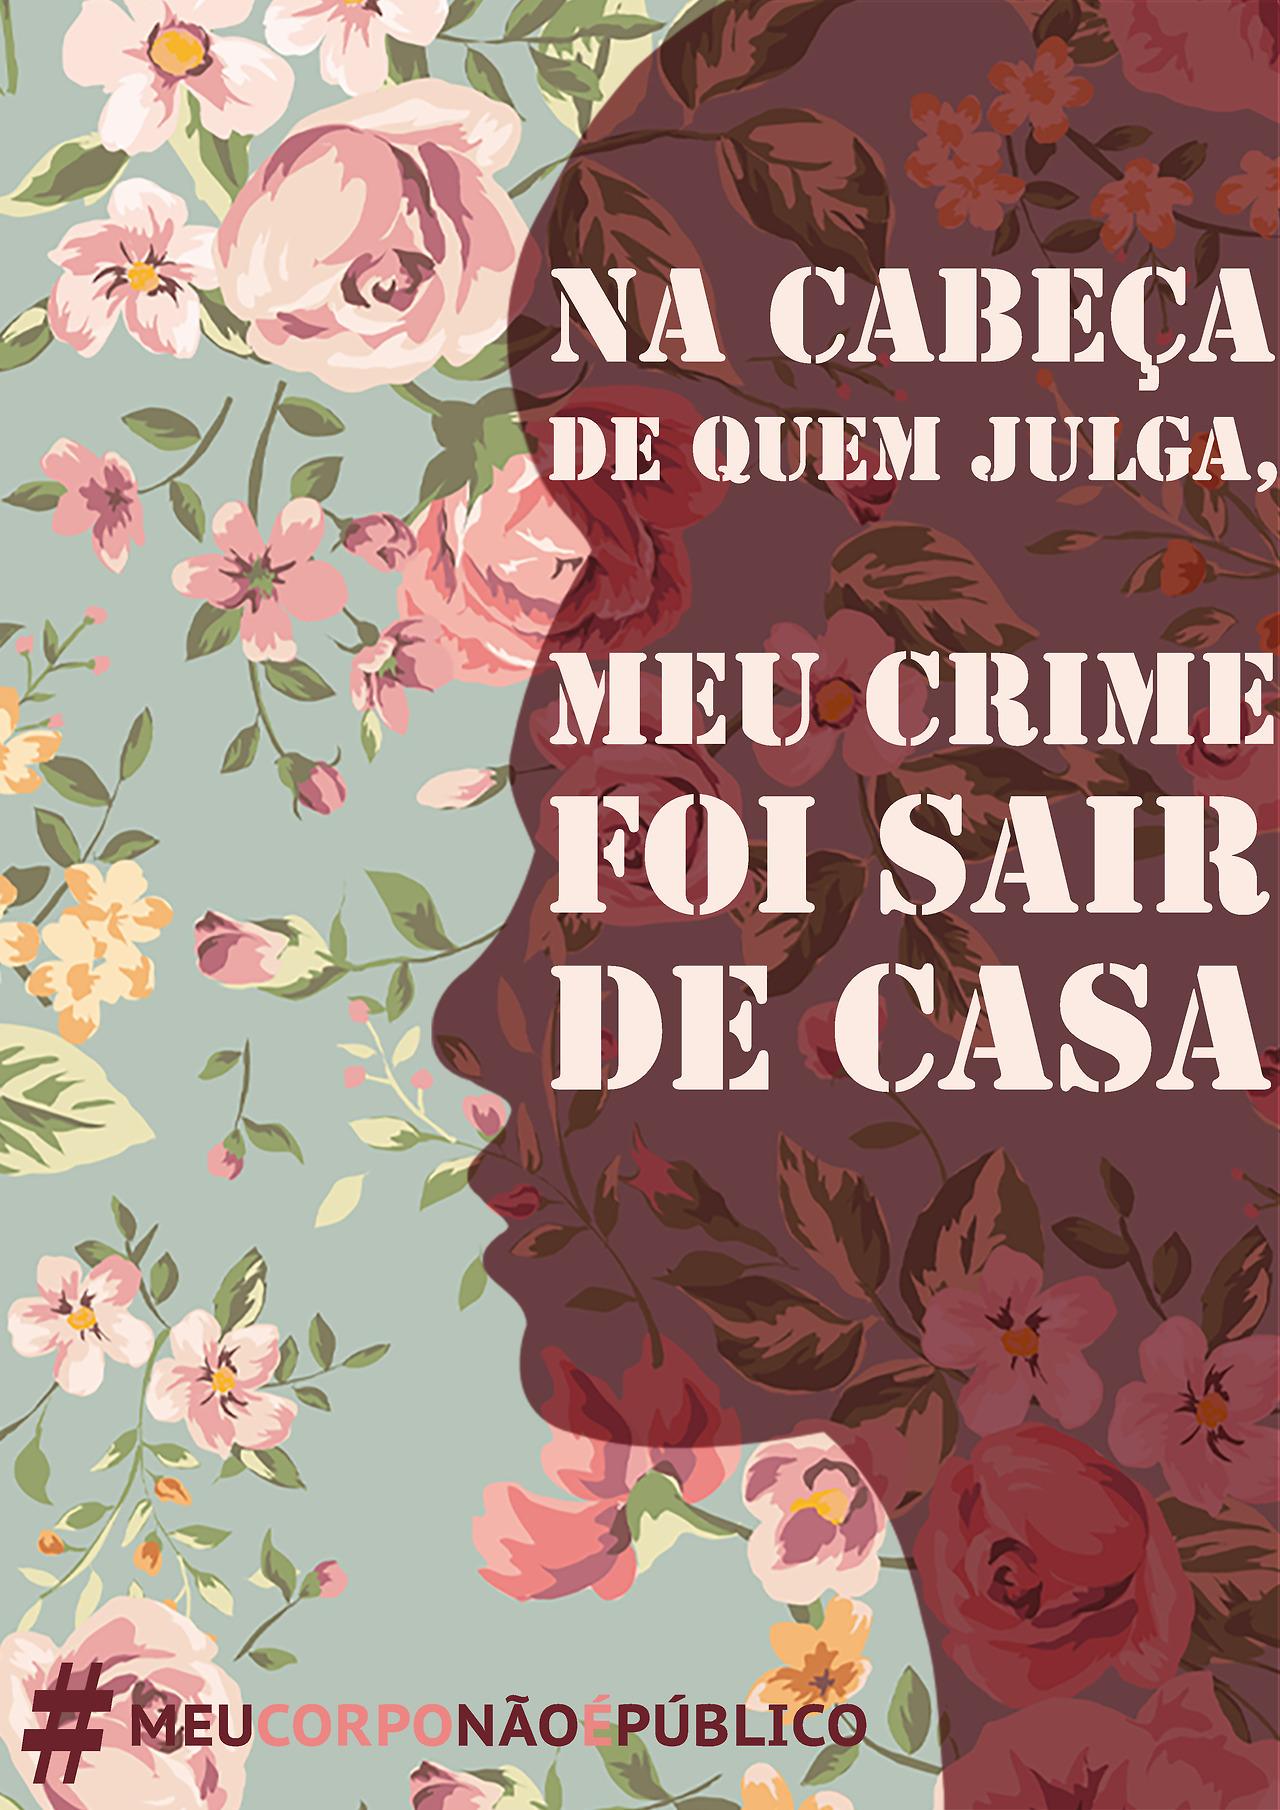 Mulheres se unem em movimento contra abusadores no transporte público: #MEUCORPONÃOÉPÚBLICO 2